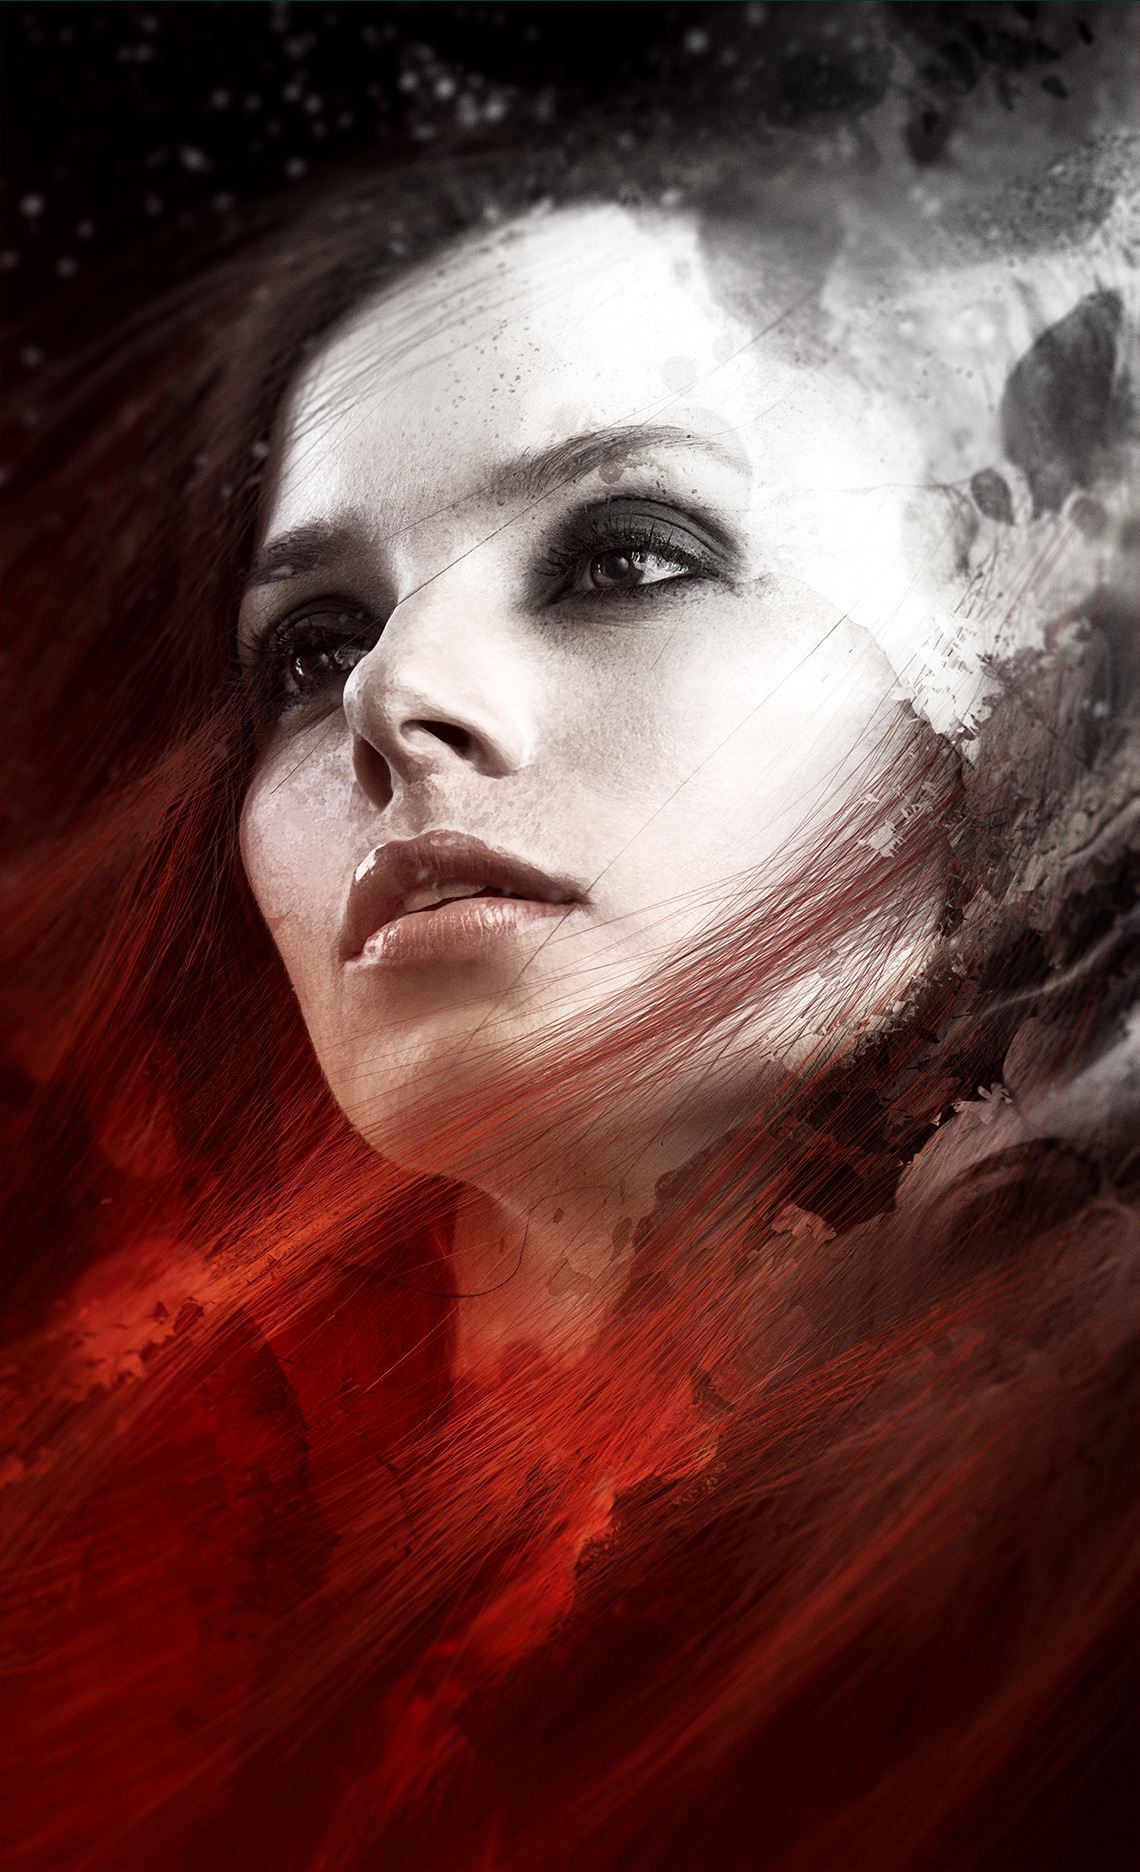 Arte Digital Fotografía Cali y Diseño Raven.artd